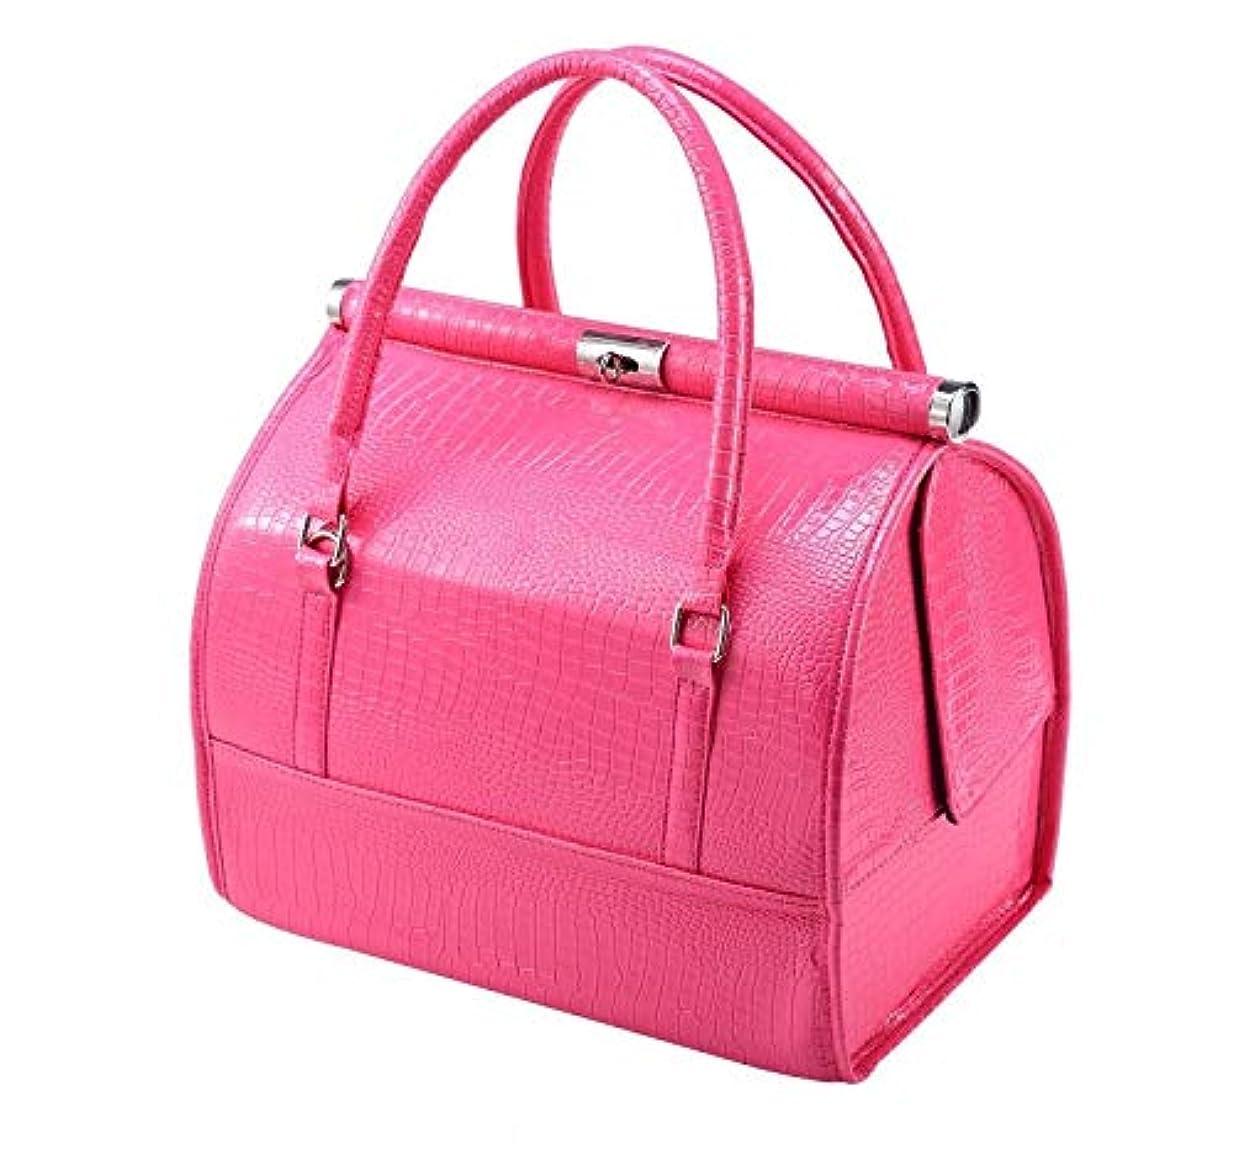 技術者下品かけがえのない化粧箱、大容量の対角および携帯用化粧品の箱、携帯用旅行化粧品袋、美の釘の宝石類の収納箱 (Color : ピンク)